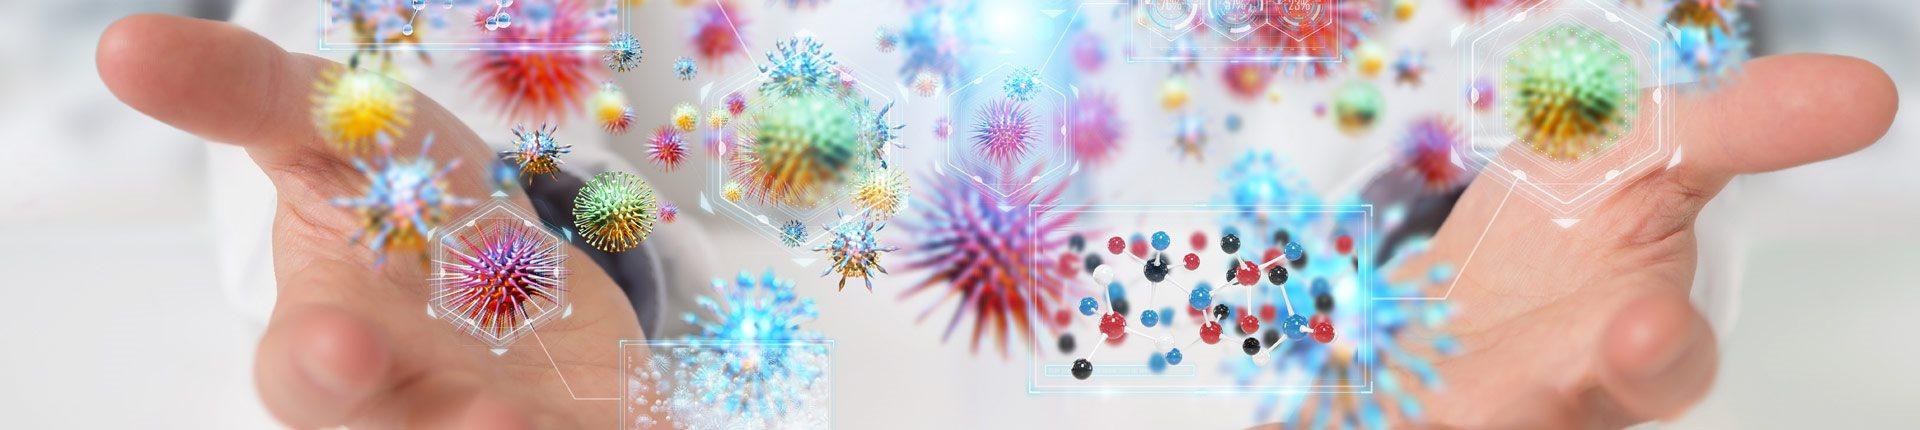 Resweratrol jako skuteczny środek antywirusowy?